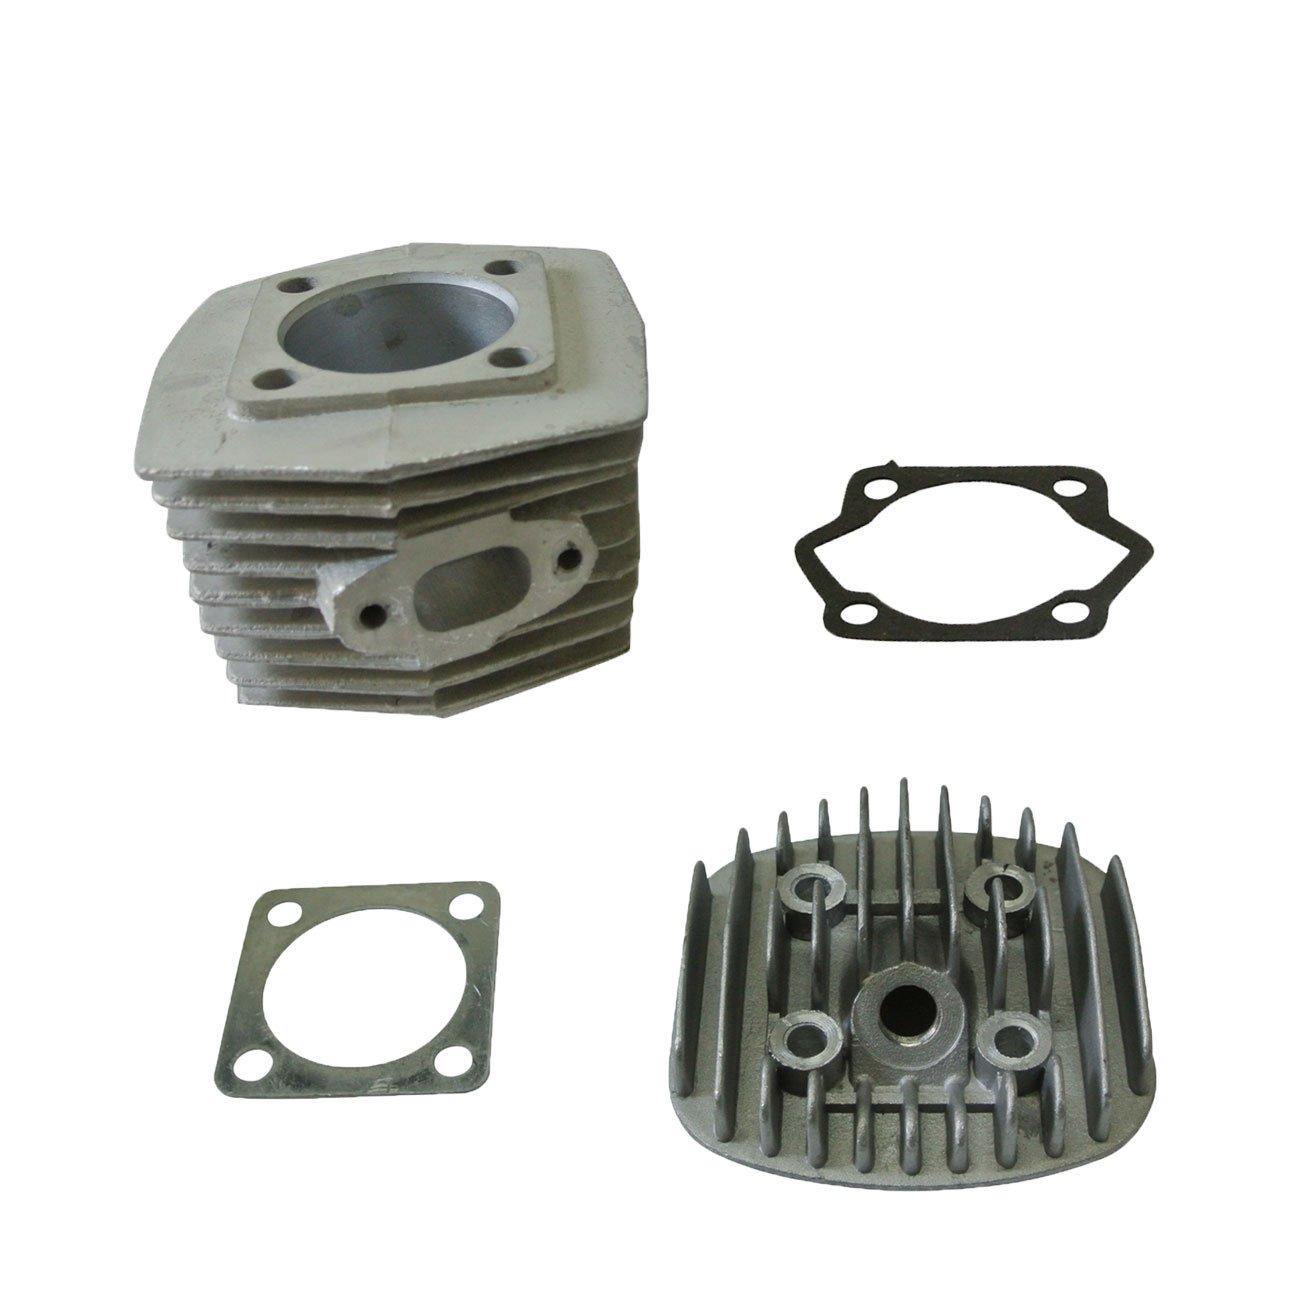 jrl 47 mm cilindro cabeza Set y Kit de pistón para motor de 80 cc motorizada bicicleta bicicleta partes: Amazon.es: Coche y moto